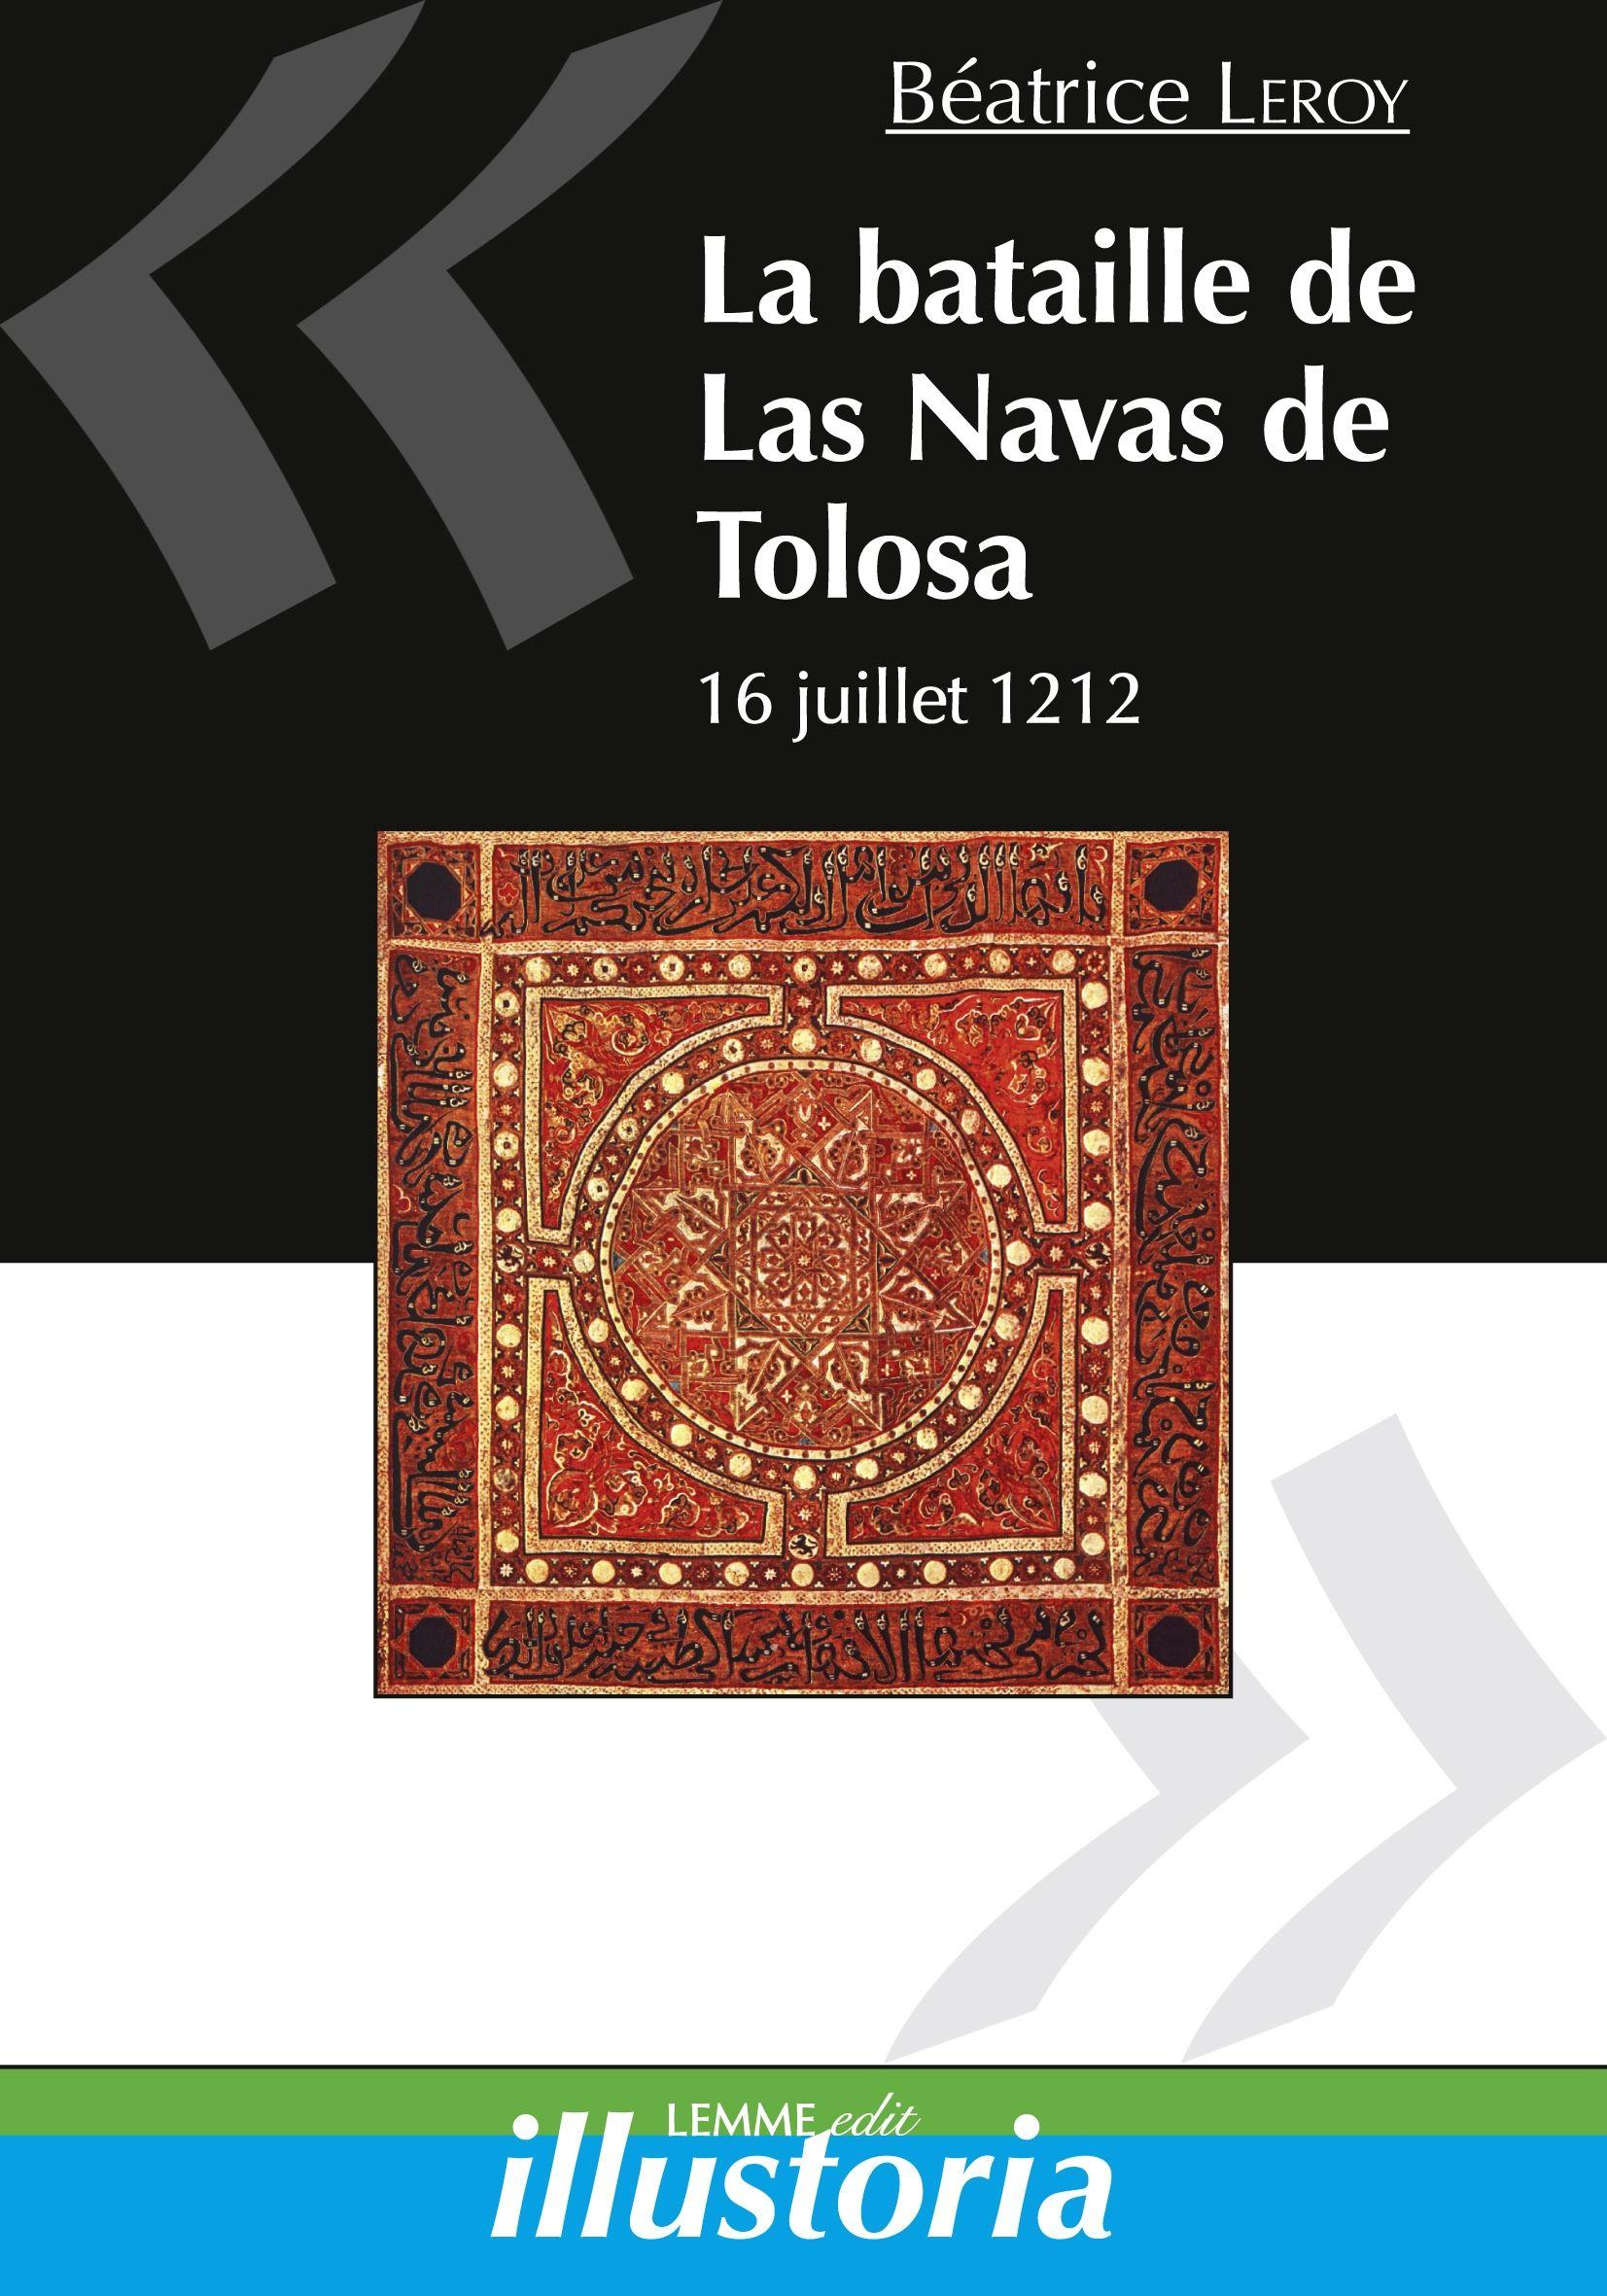 La bataille de Las Navas de Tolosa, Béatrice Leroy, ouvrage d'histoire du Moyen Âge, Espagne médiévale, Reconquista..